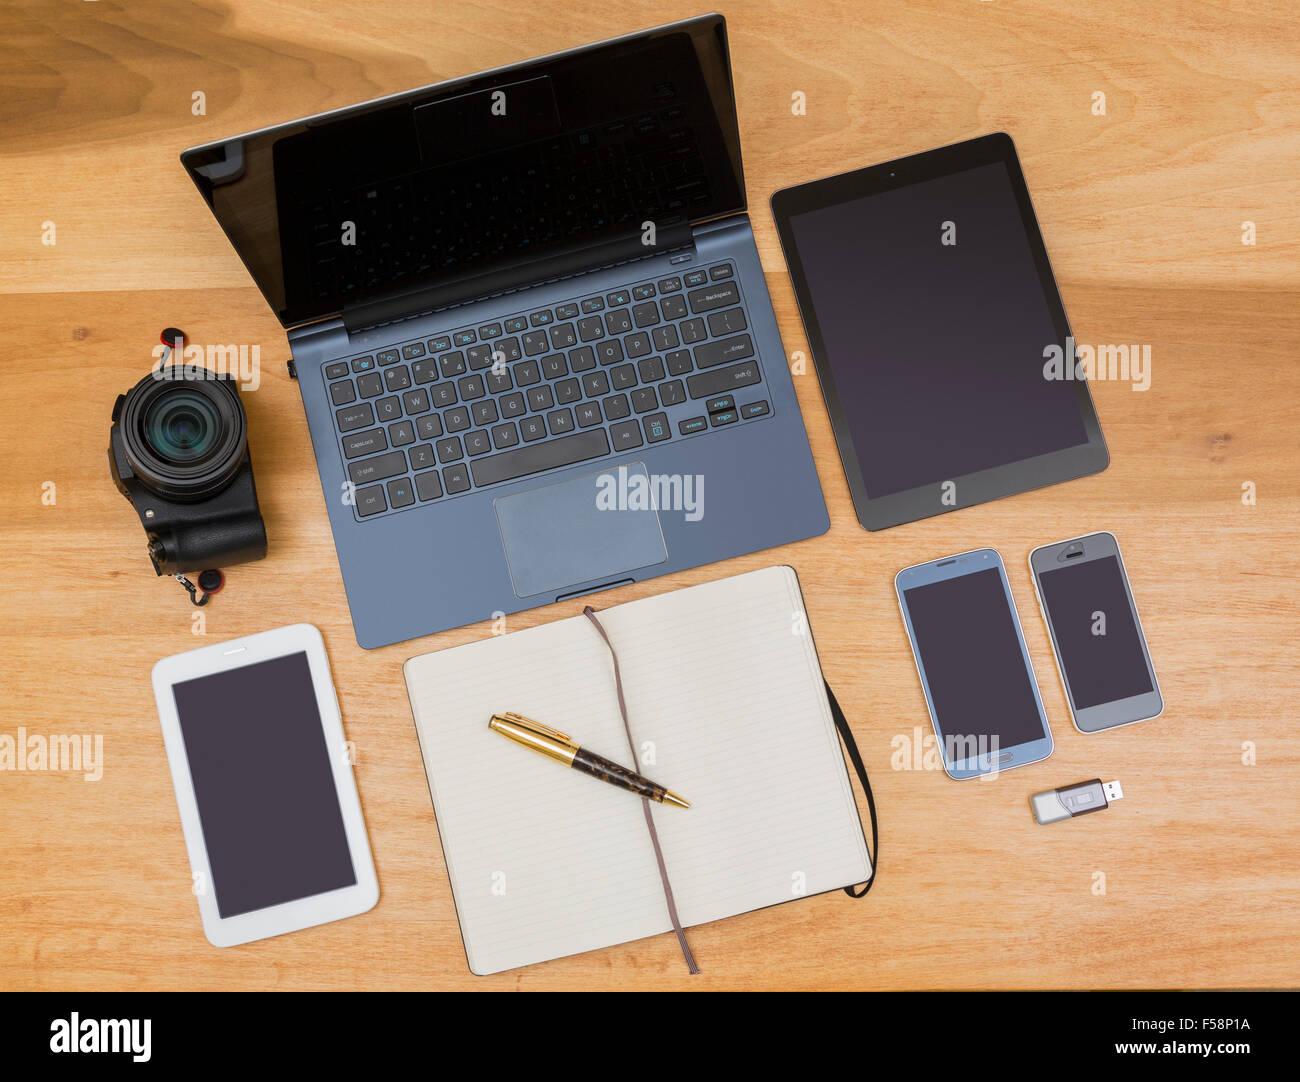 Vue de dessus de bureau avec ordinateur portable, smartphones, tablettes, appareil photo et carnet et un stylo numérique Photo Stock